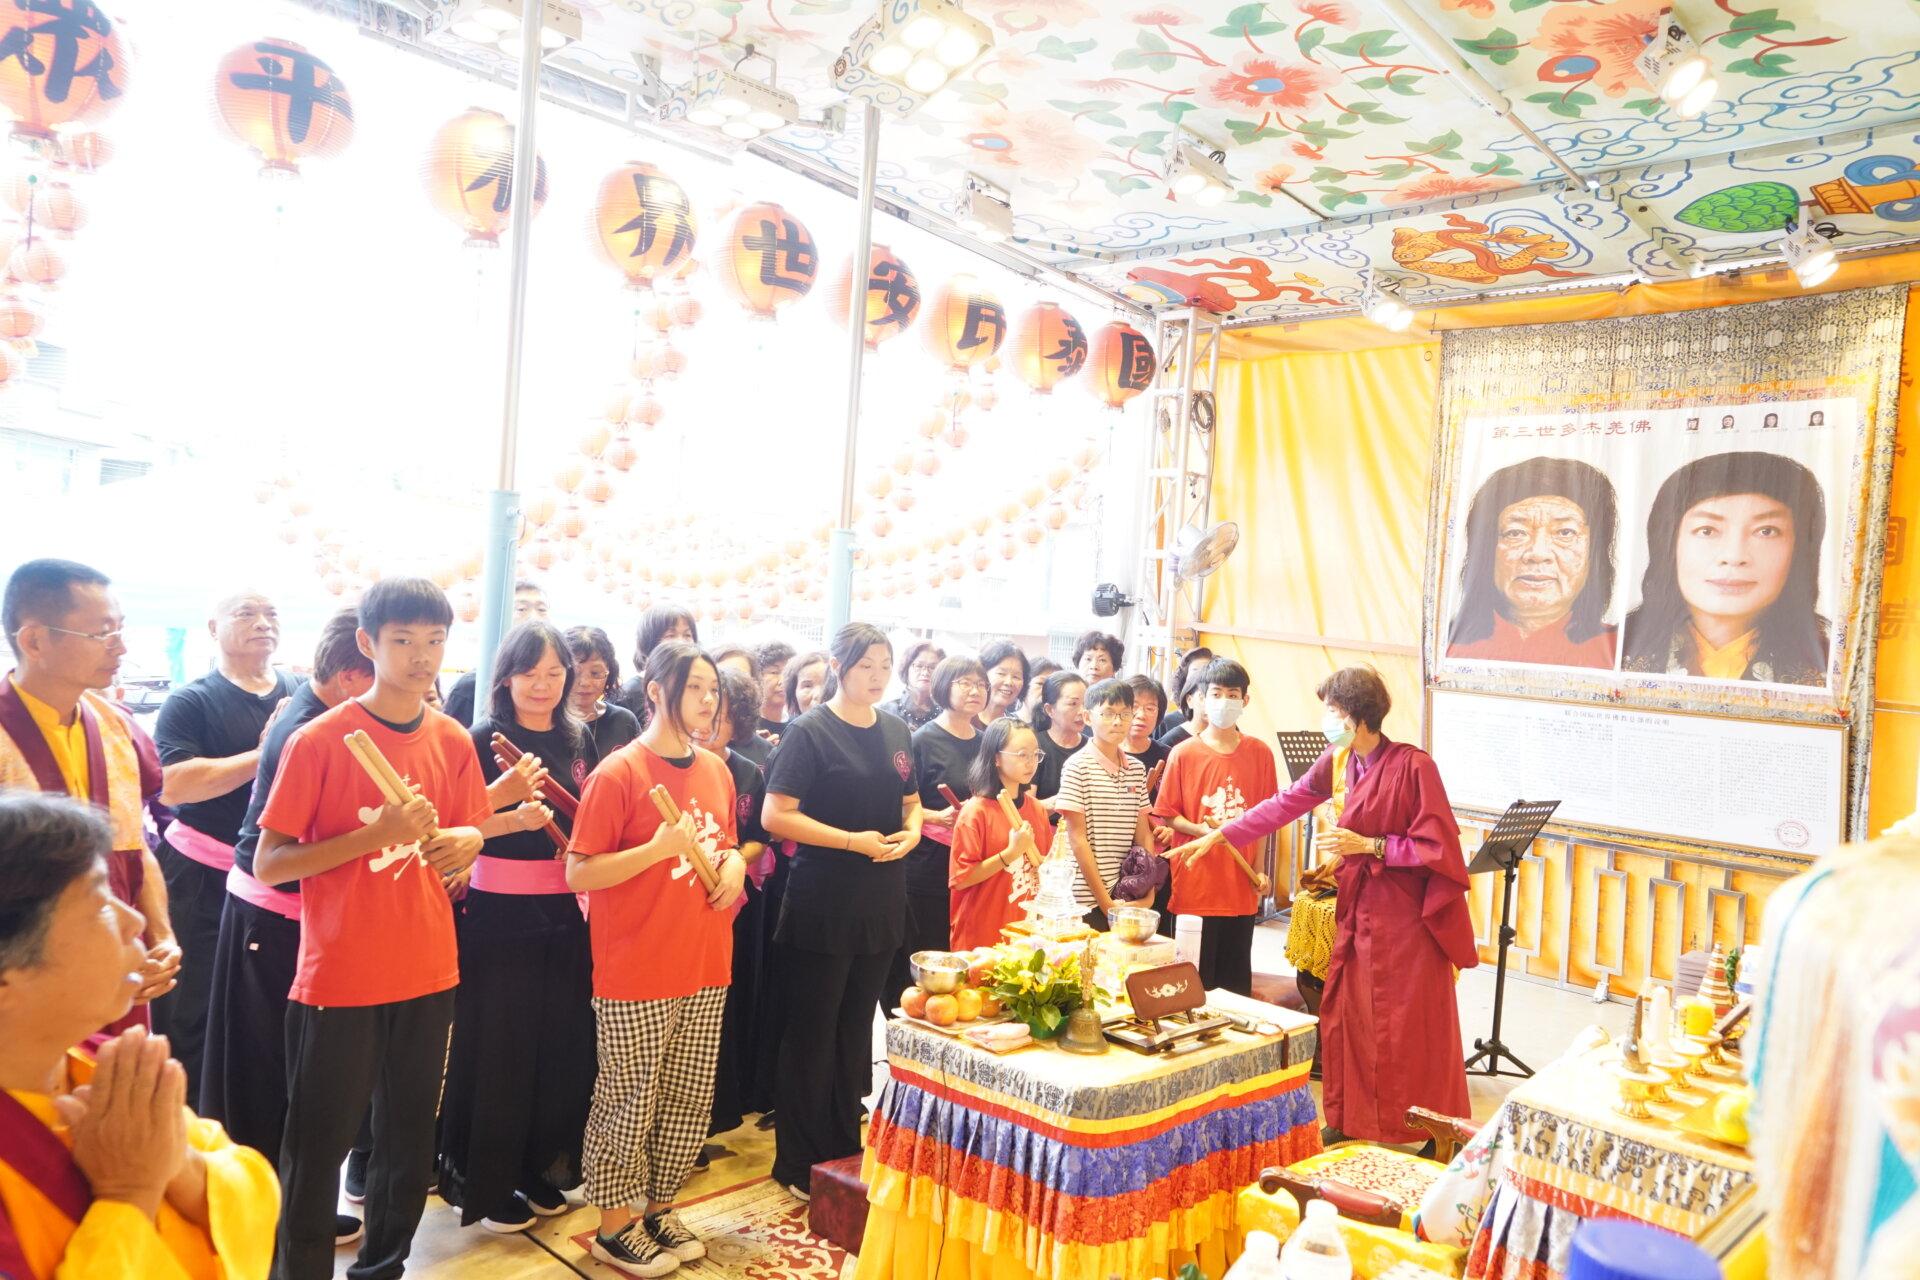 行動佛殿110站嘉義布袋魍港,眾多信眾至佛殿頂禮三寶佛